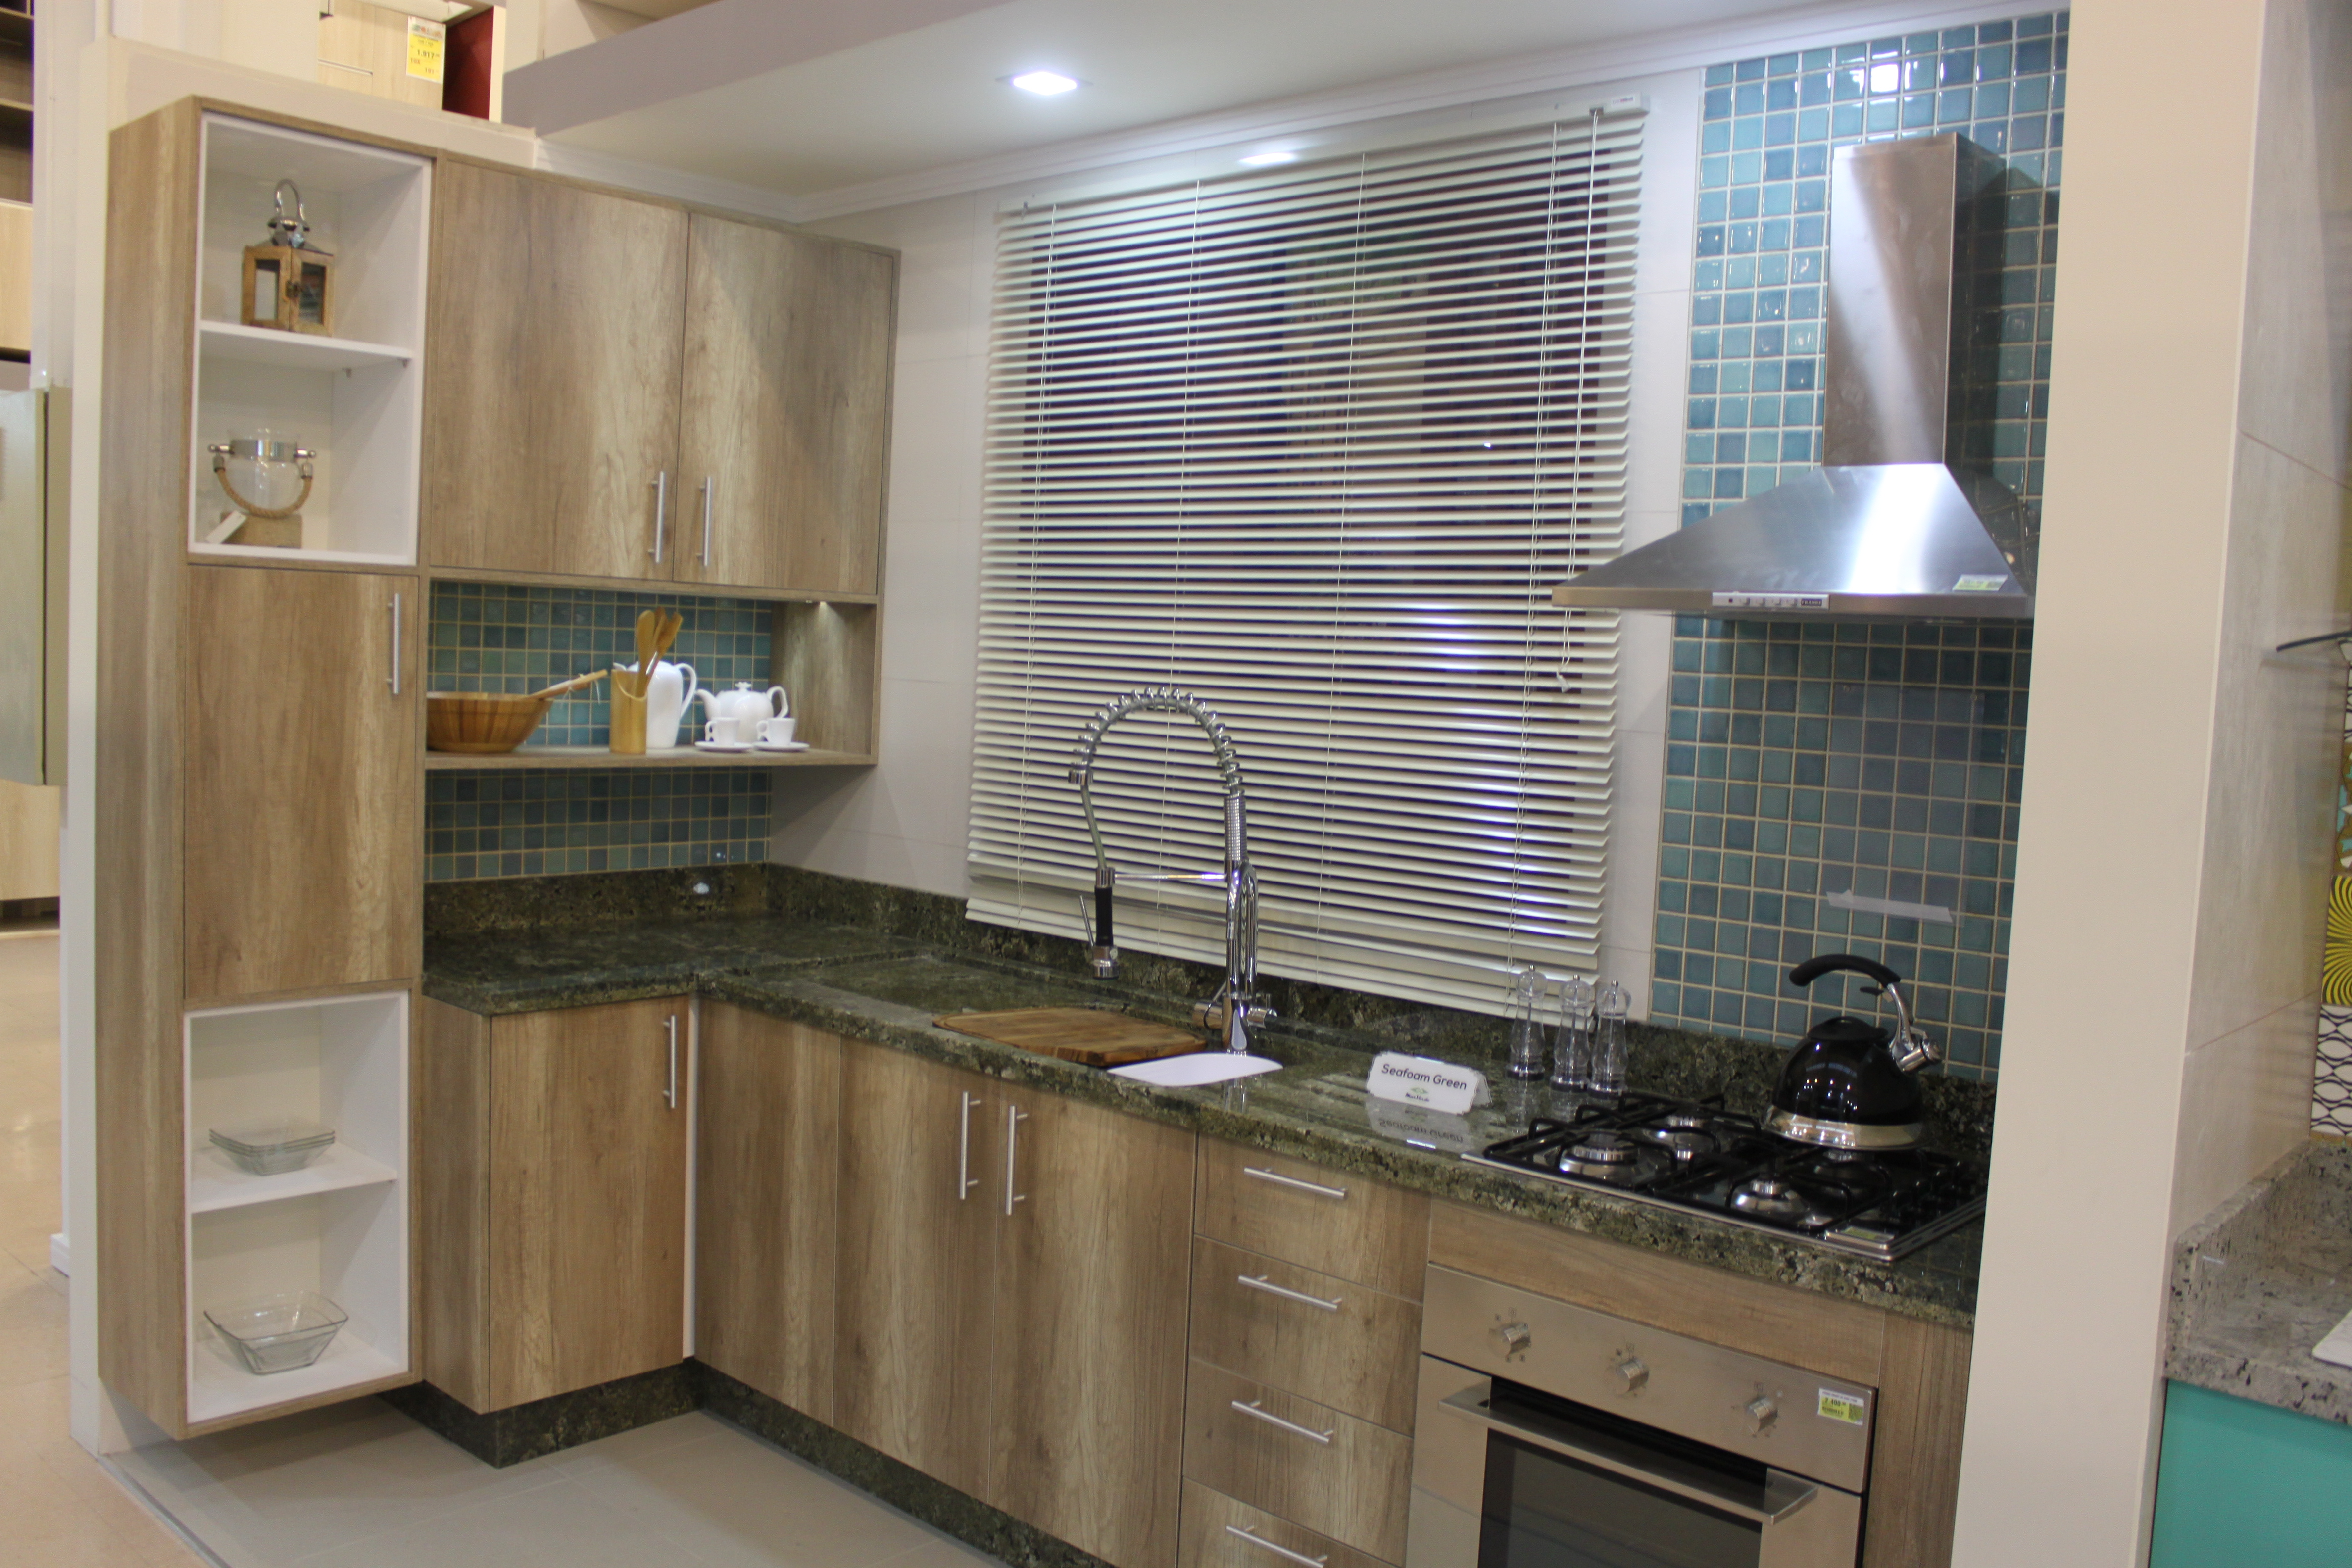 Cozinhas Planejadas Da Leroy Merlin Curitiba Sul Leroy Merlin ~ Cozinha Planejada Curitiba